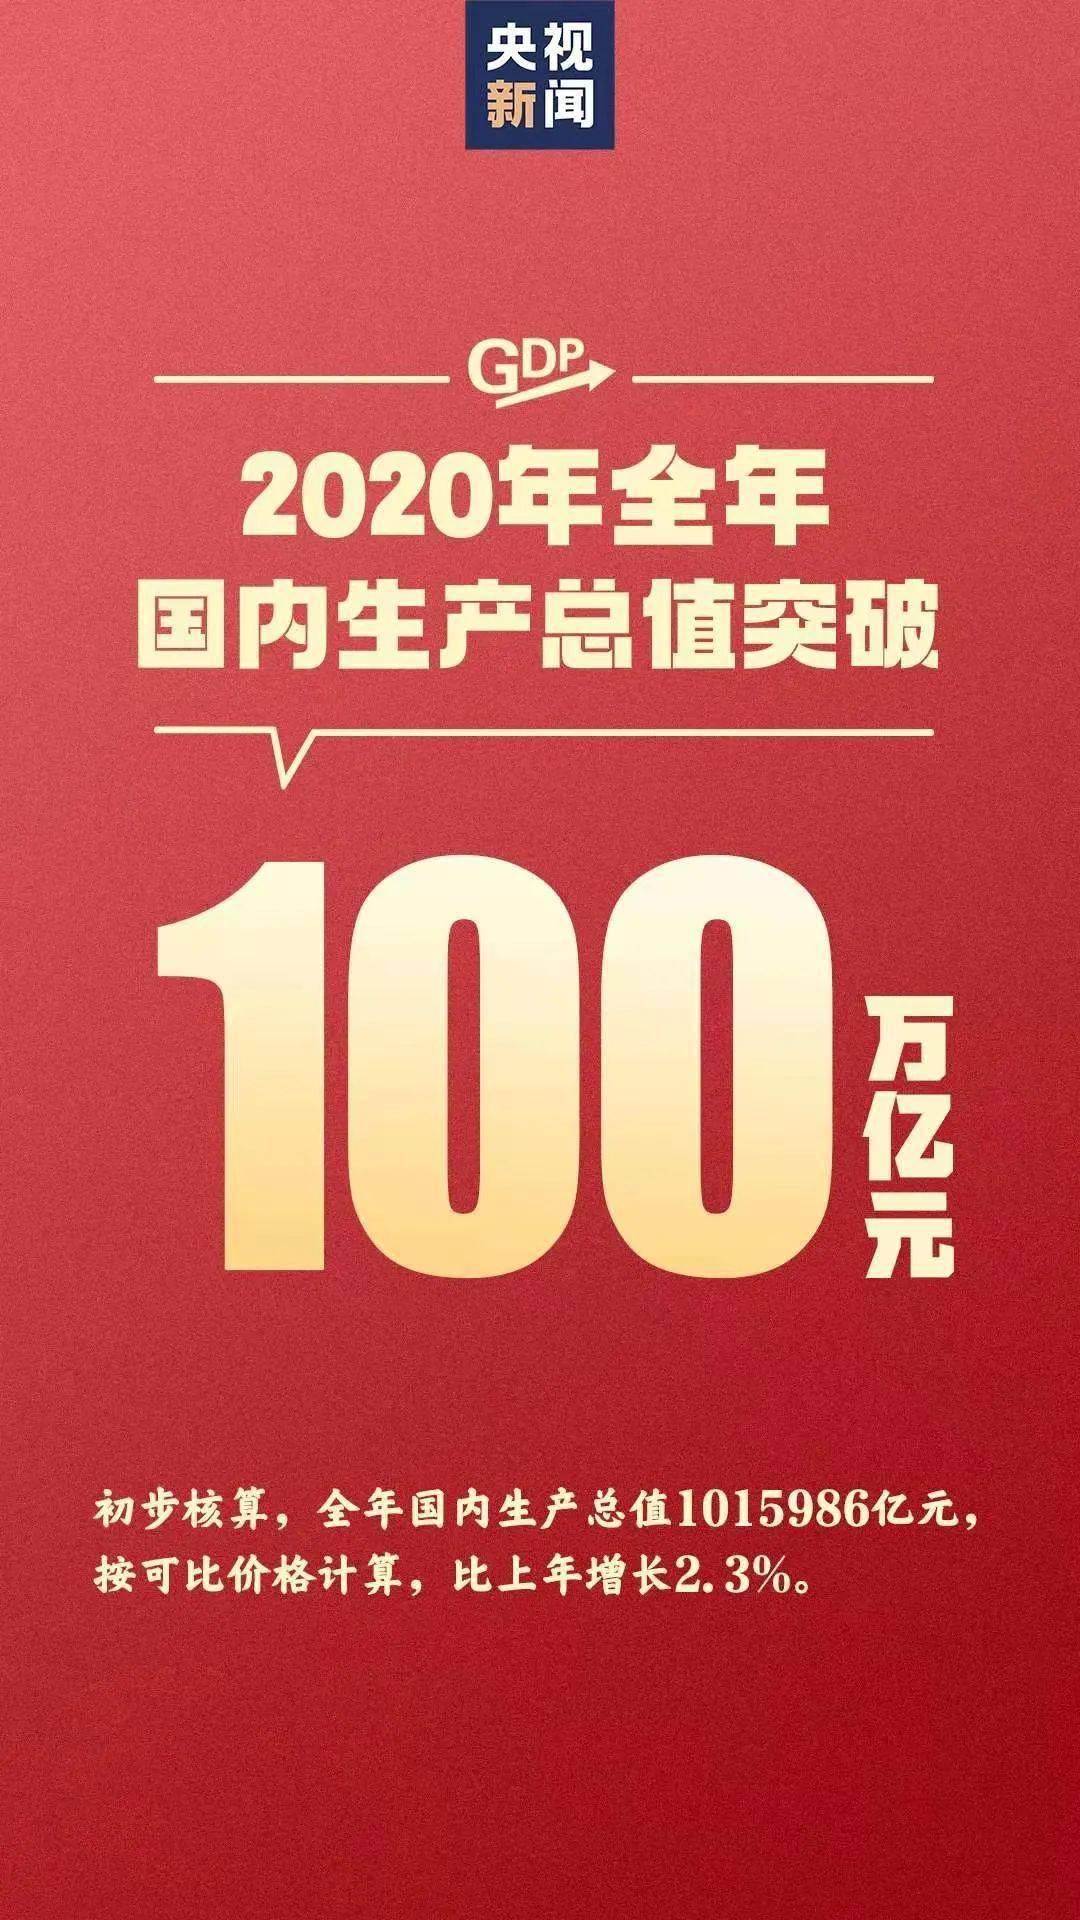 2020年经济总量达_达沃斯经济论坛图片